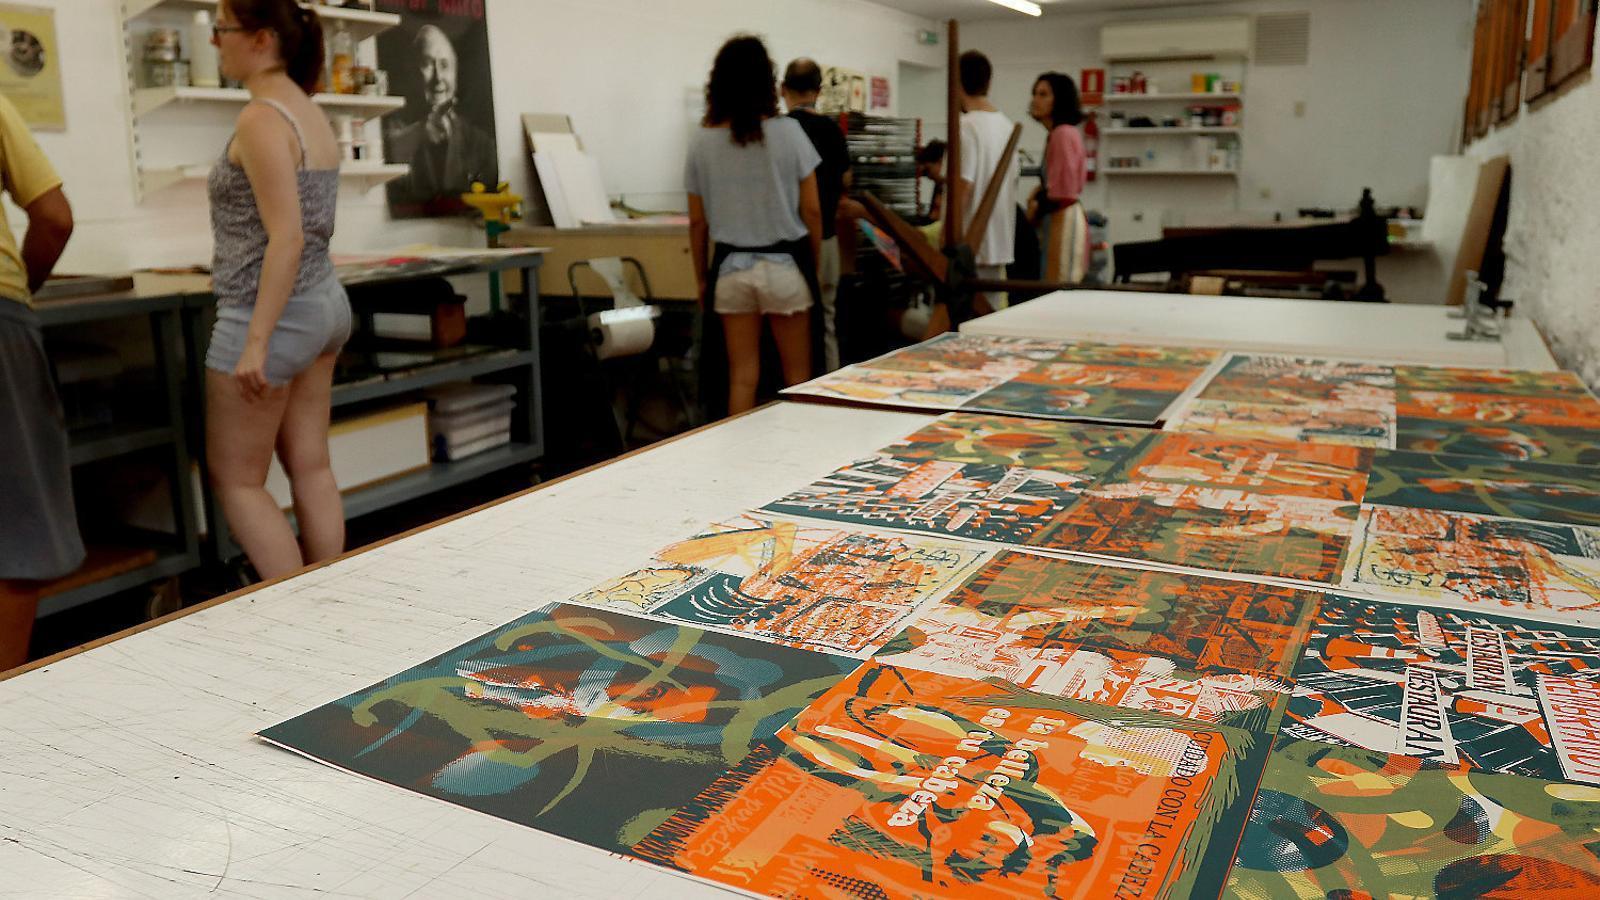 Impressió del fanzín al taller de la Fundació Pilar i Joan Miró